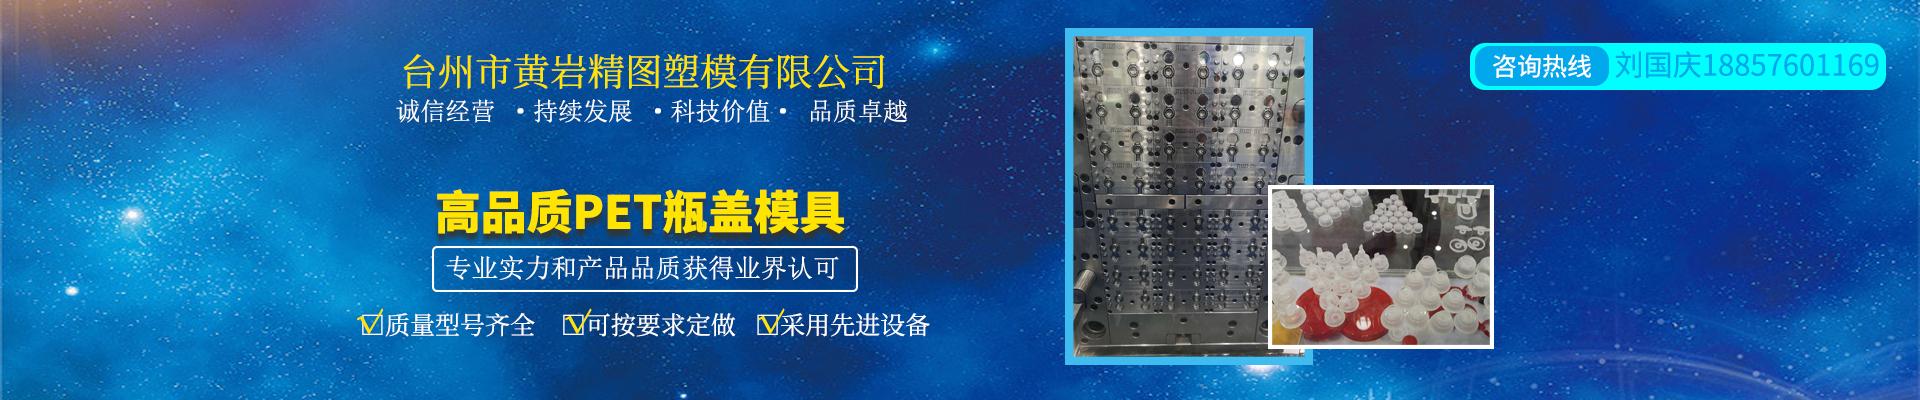 台州市黄岩精图塑模有限公司